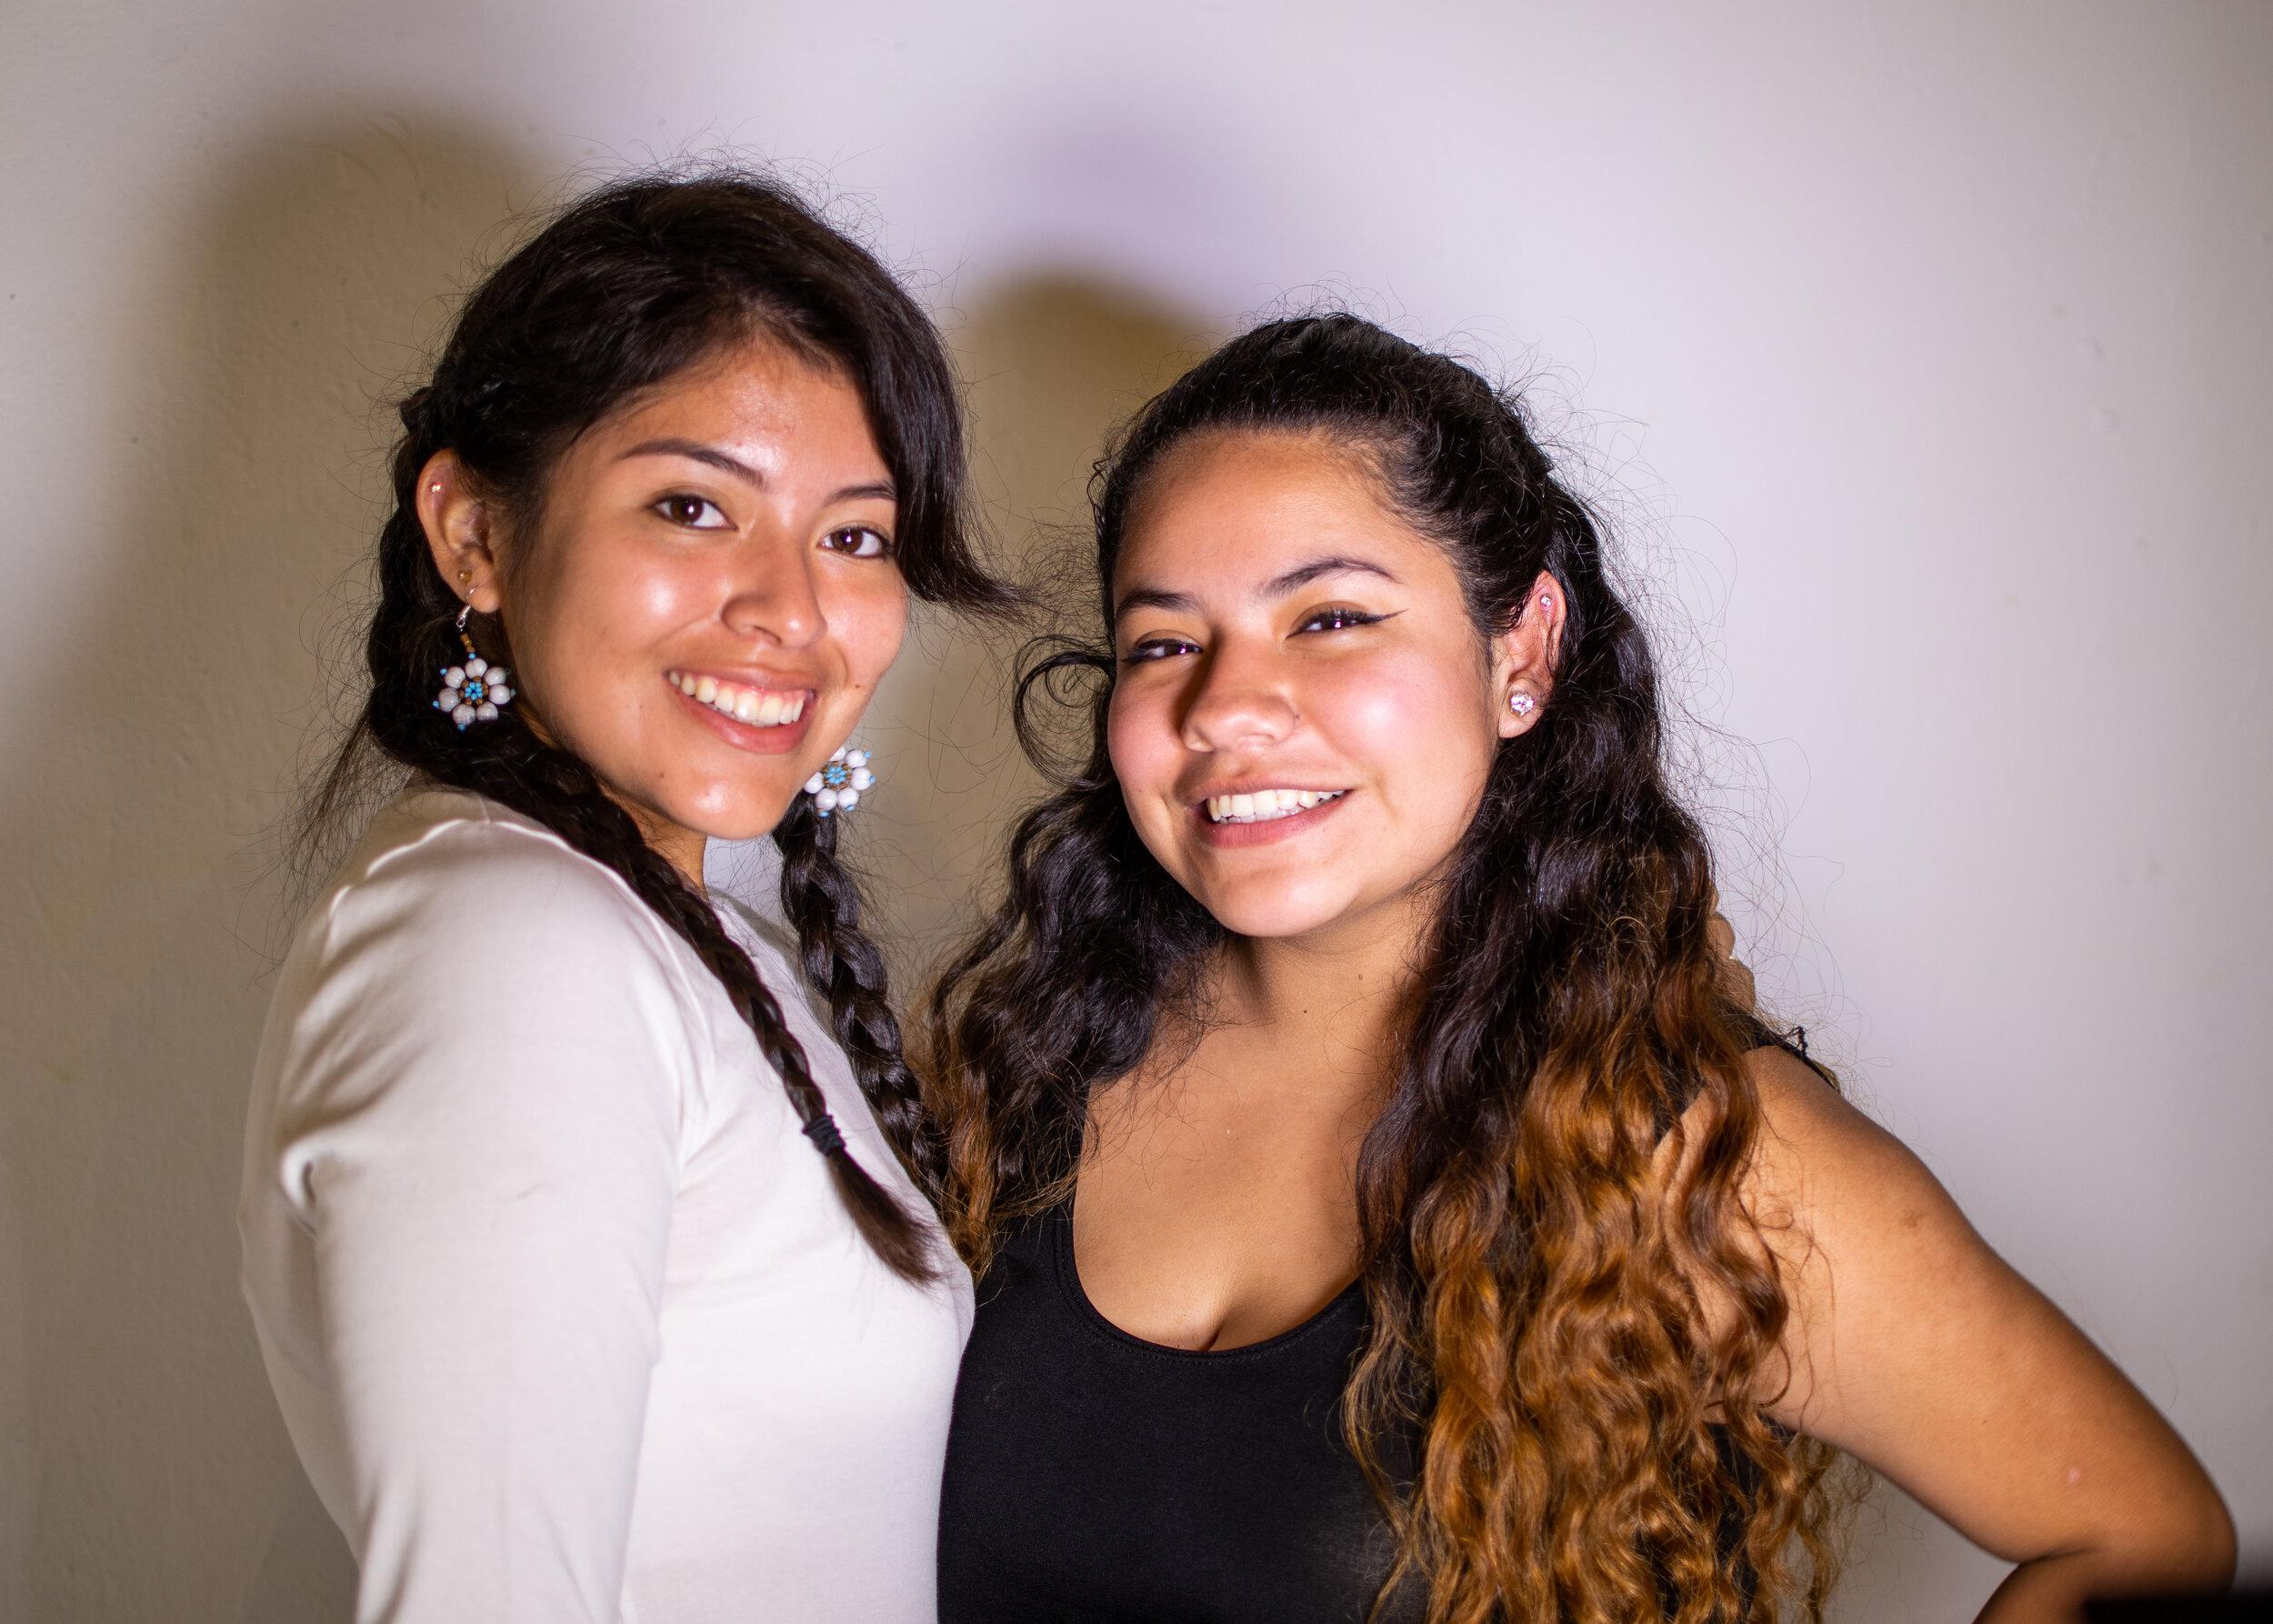 Carlee Márquez '22, she/her and Elizabeth Garcia '22, she/her